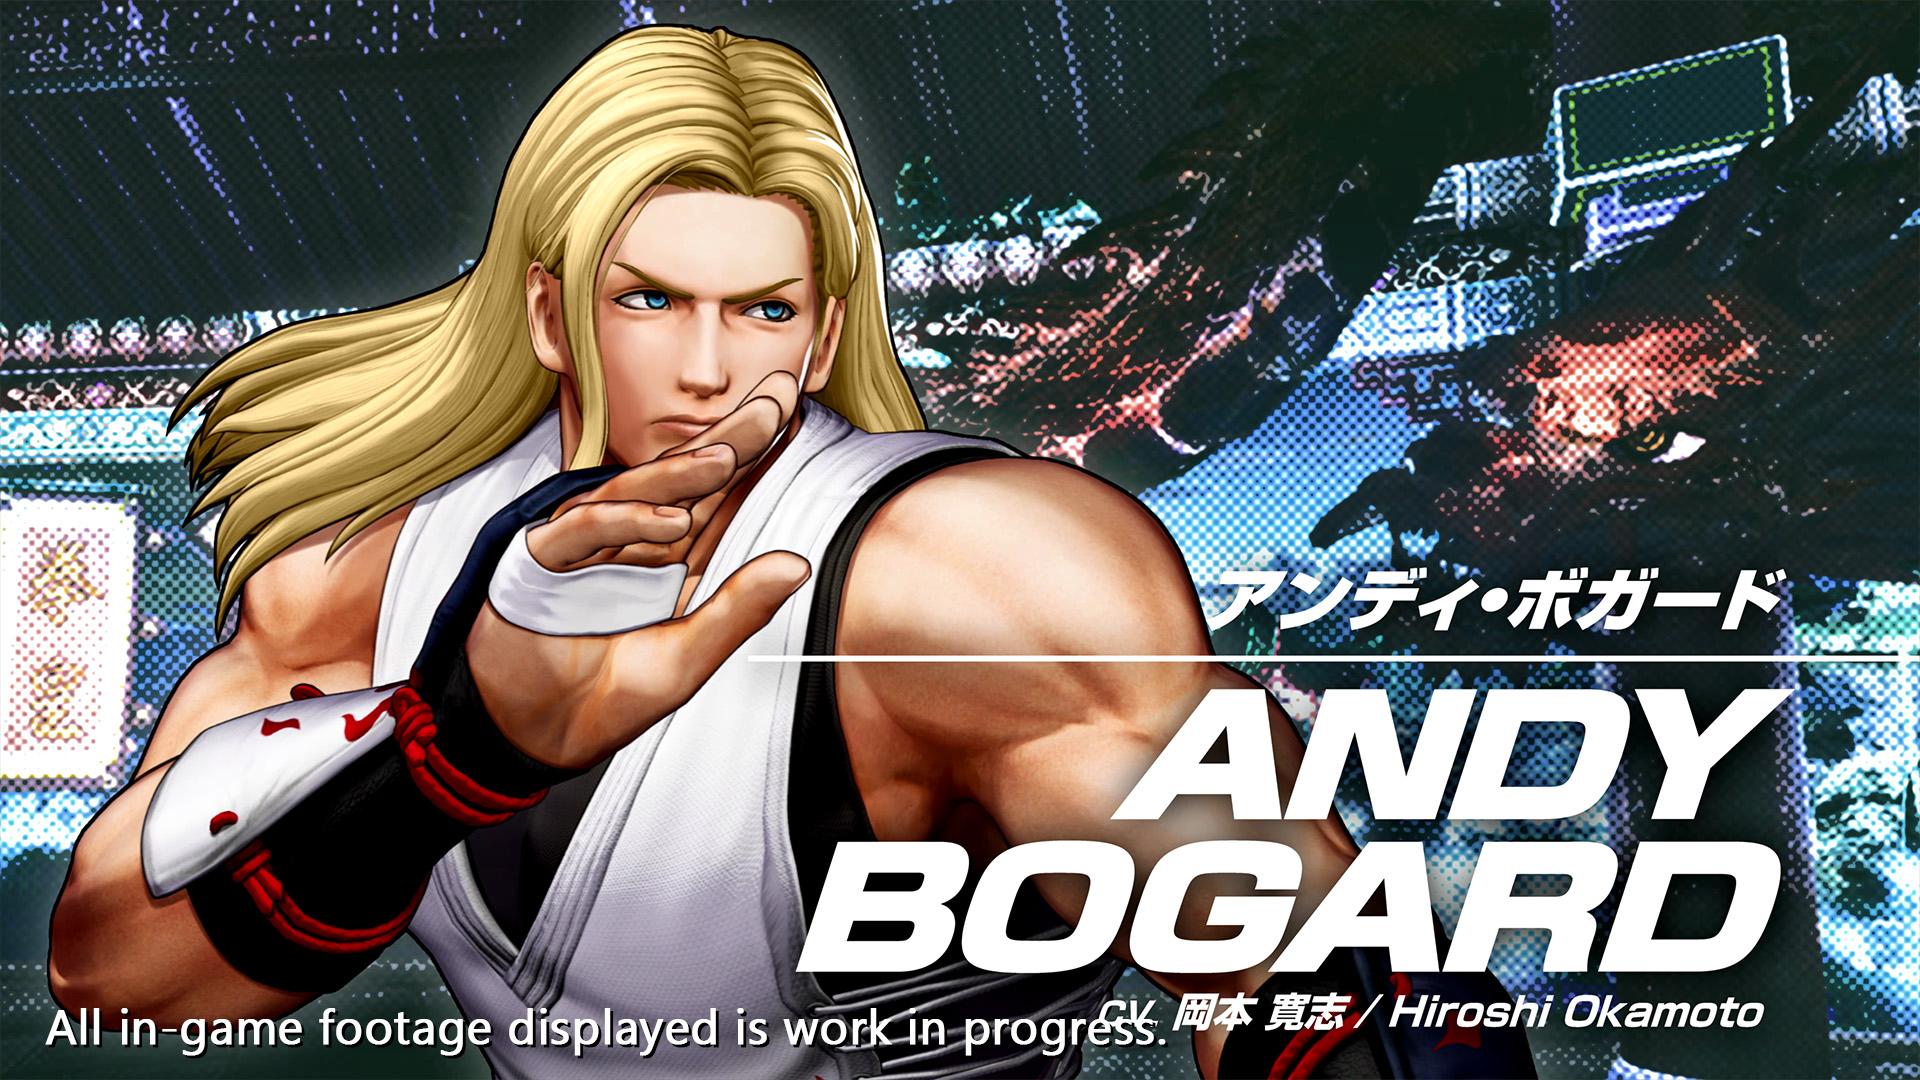 《拳皇15》安迪博加德宣传片公布